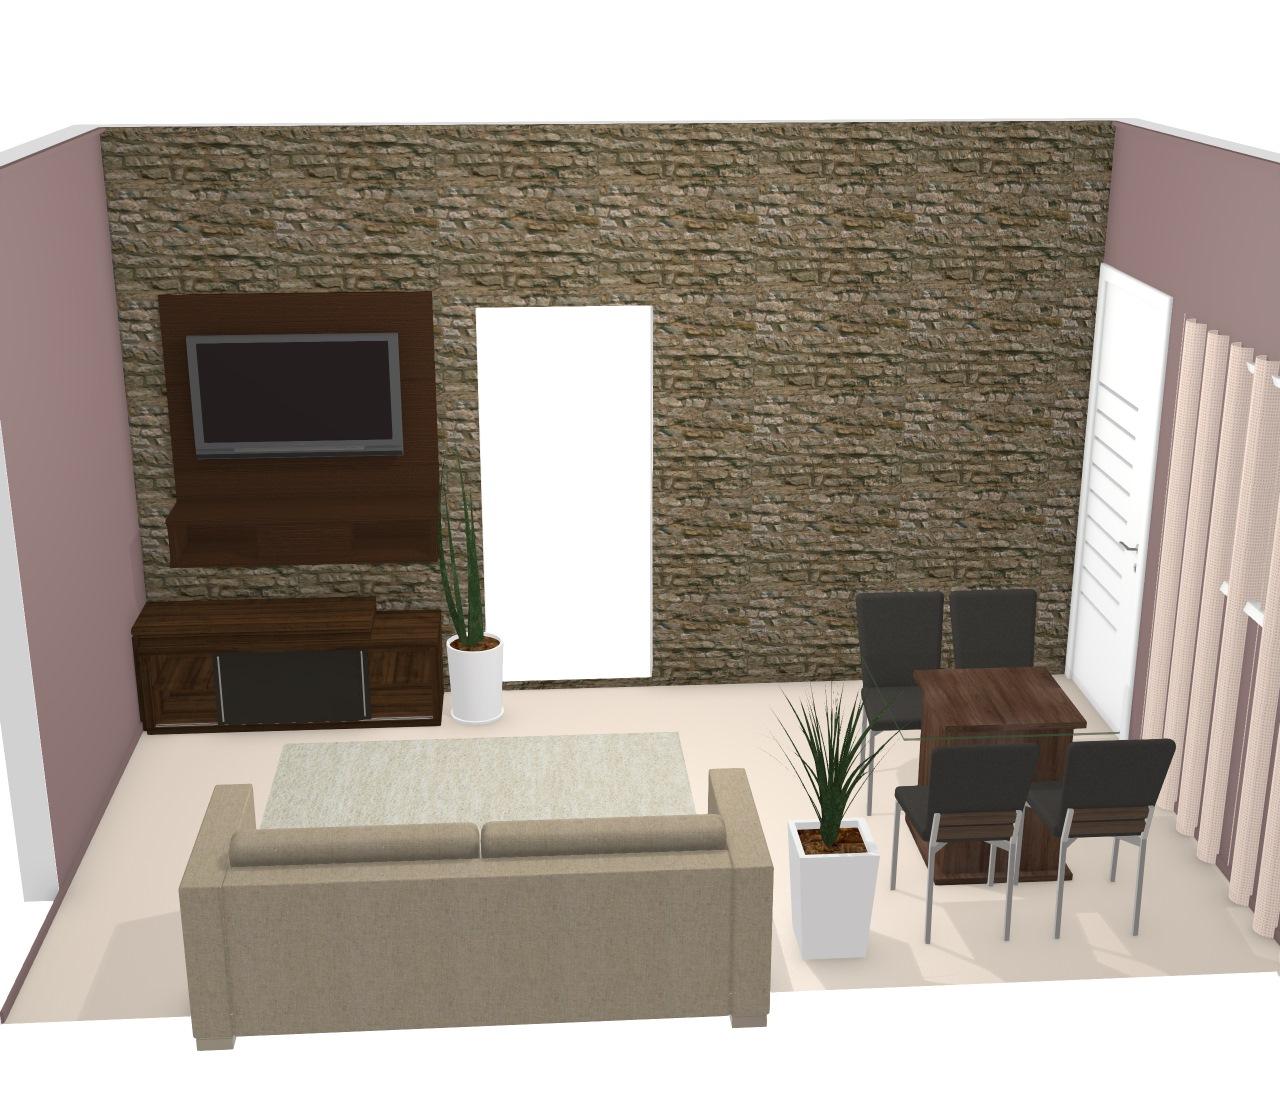 Sala de jantar integrada com sala de estar